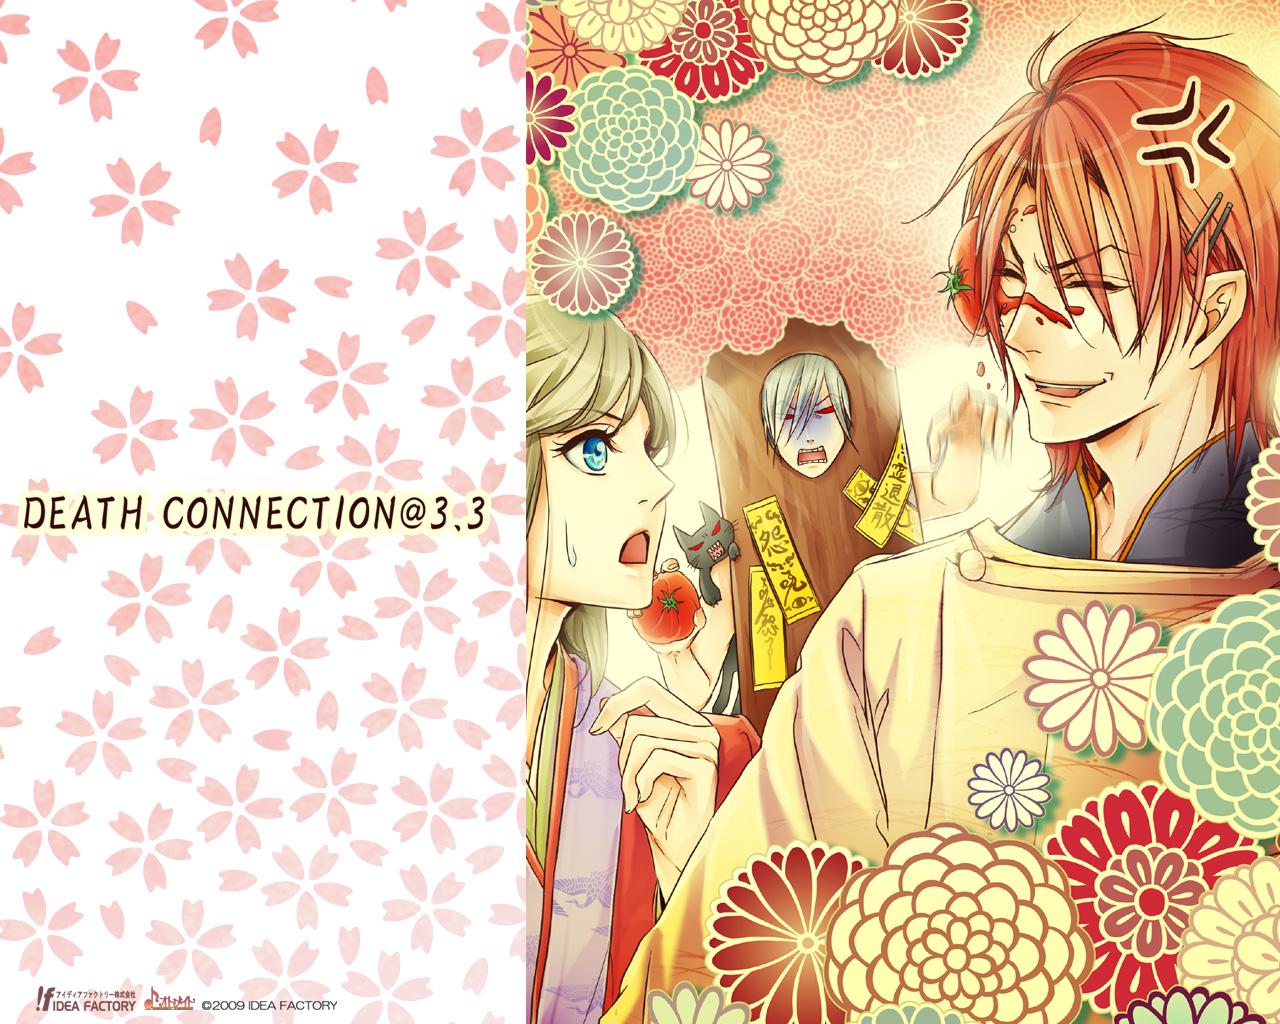 http://blog.otomate.jp/staffblog/pic/00001781.jpg